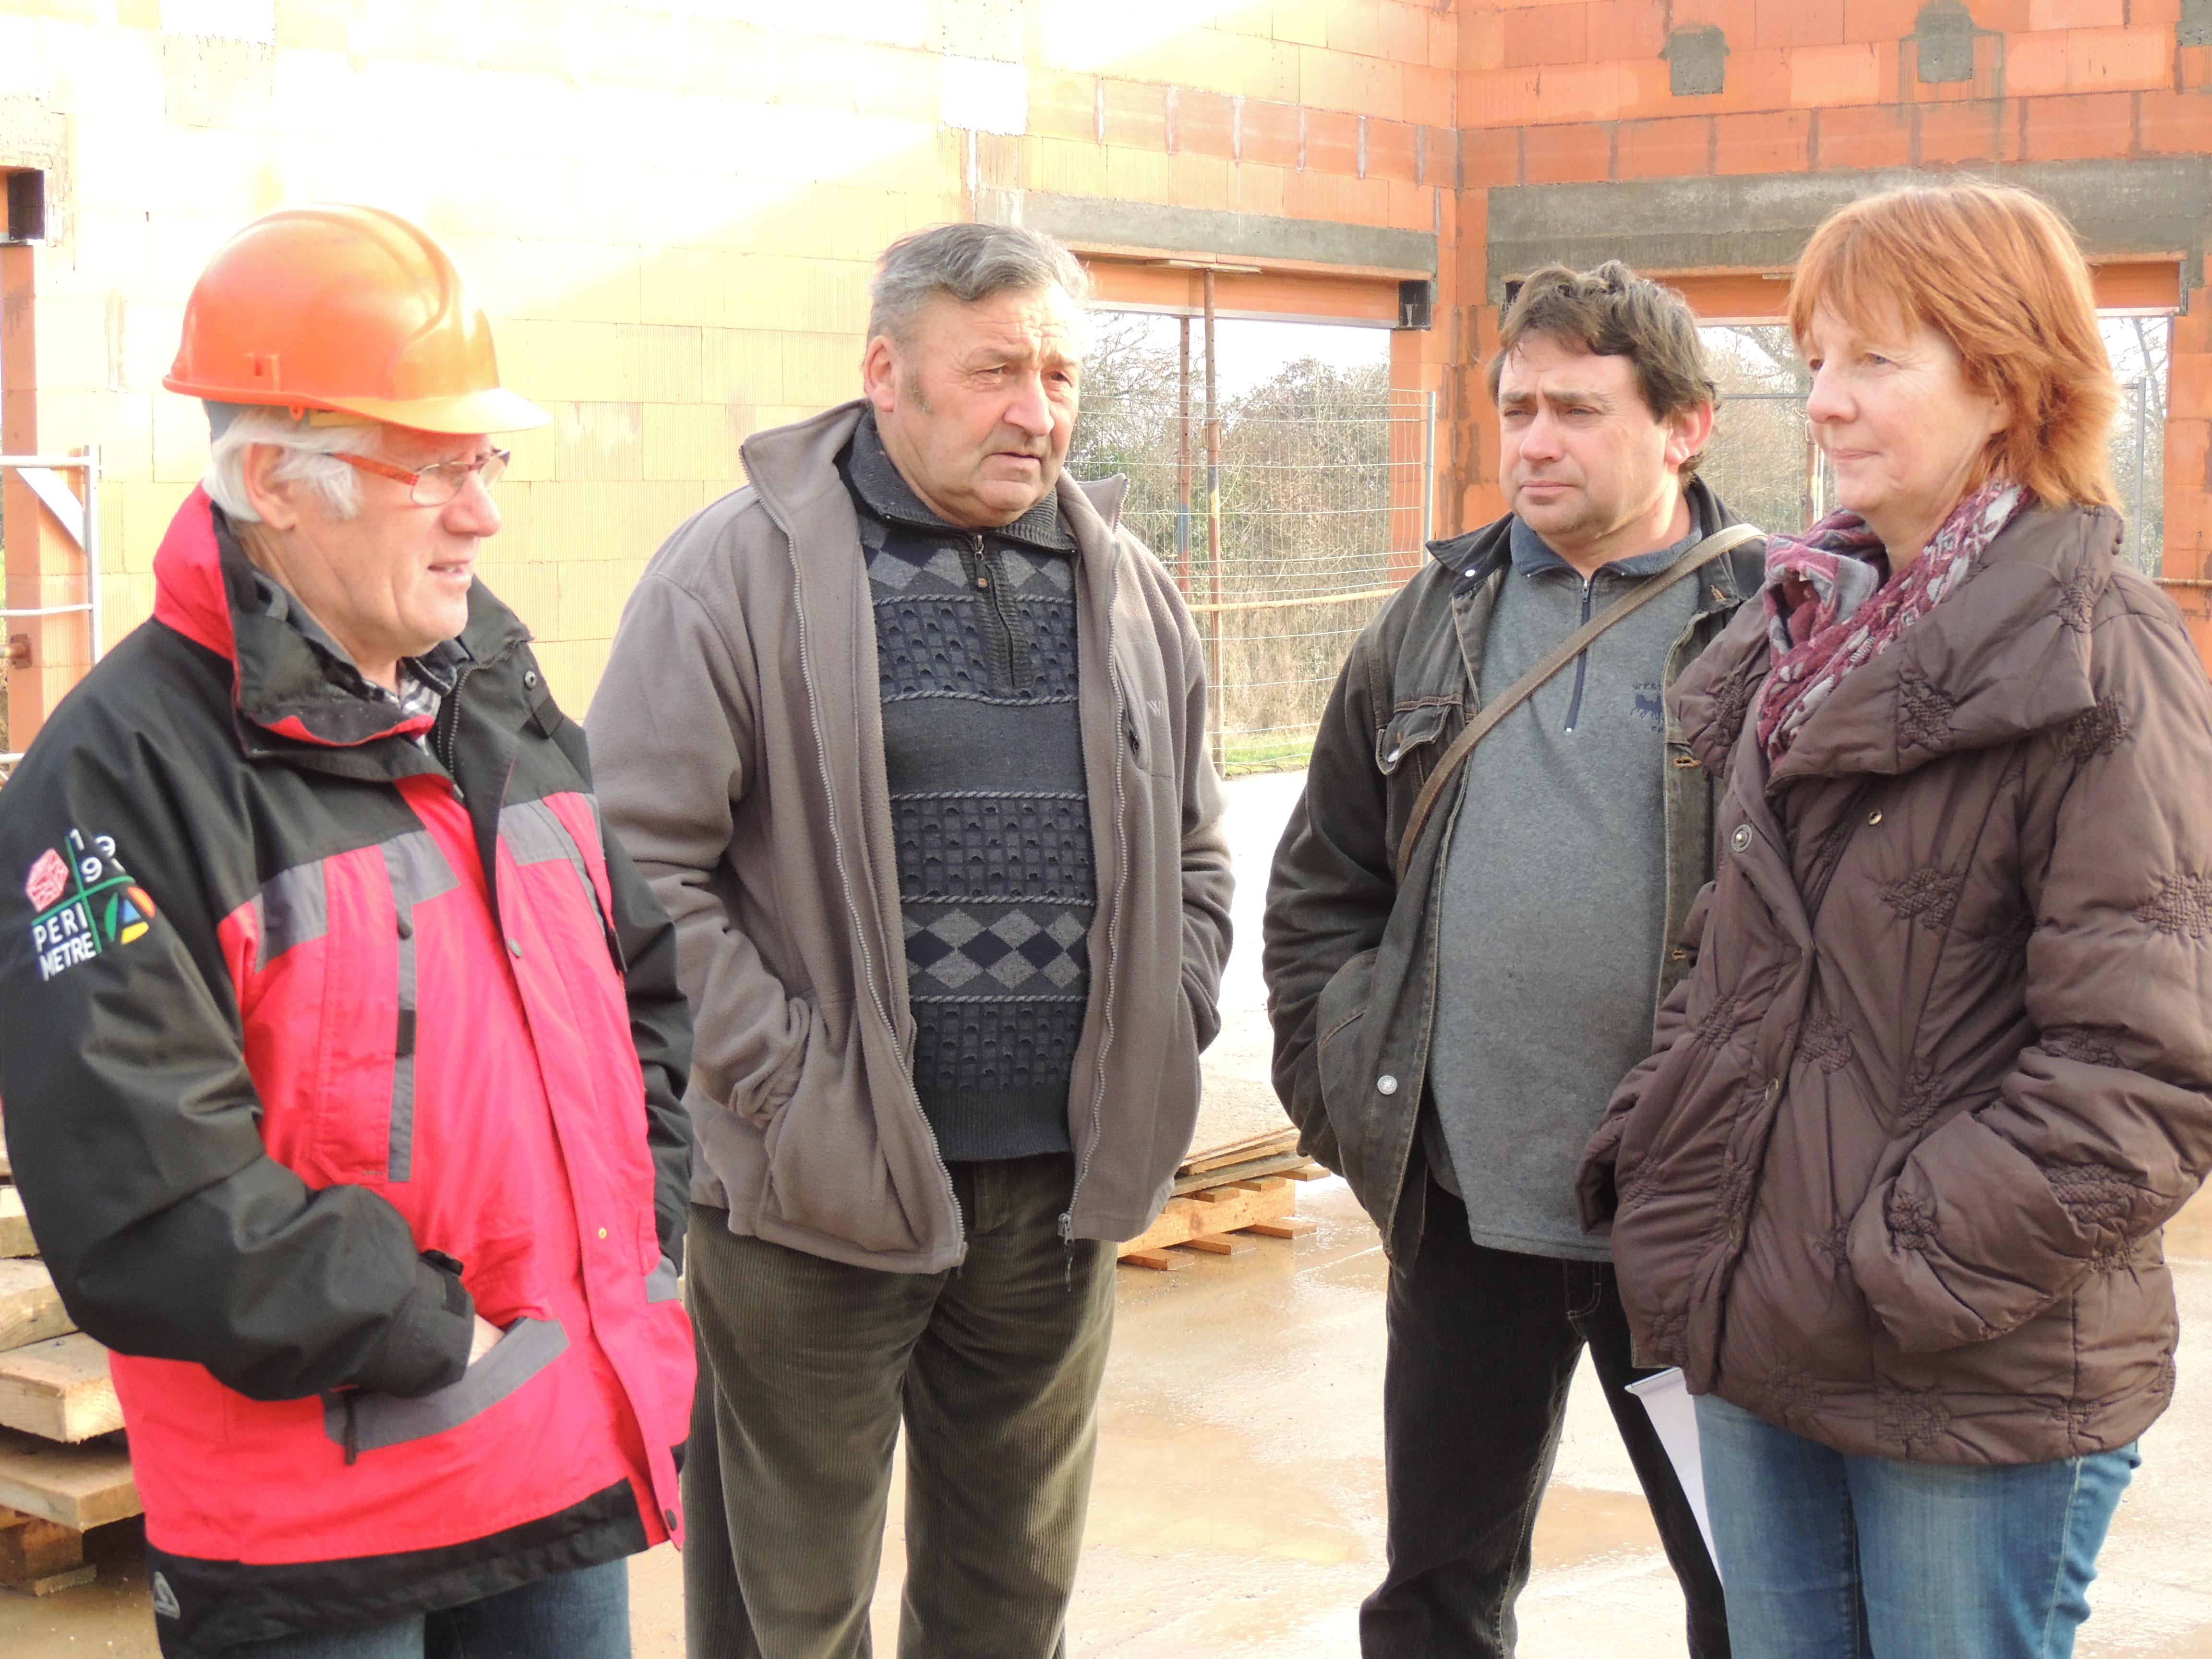 Visite_des_Elèves_au_chantier_de_la_future_Ecole_Maternelle_-_vendredi_16_decembre_2016_-____(23)